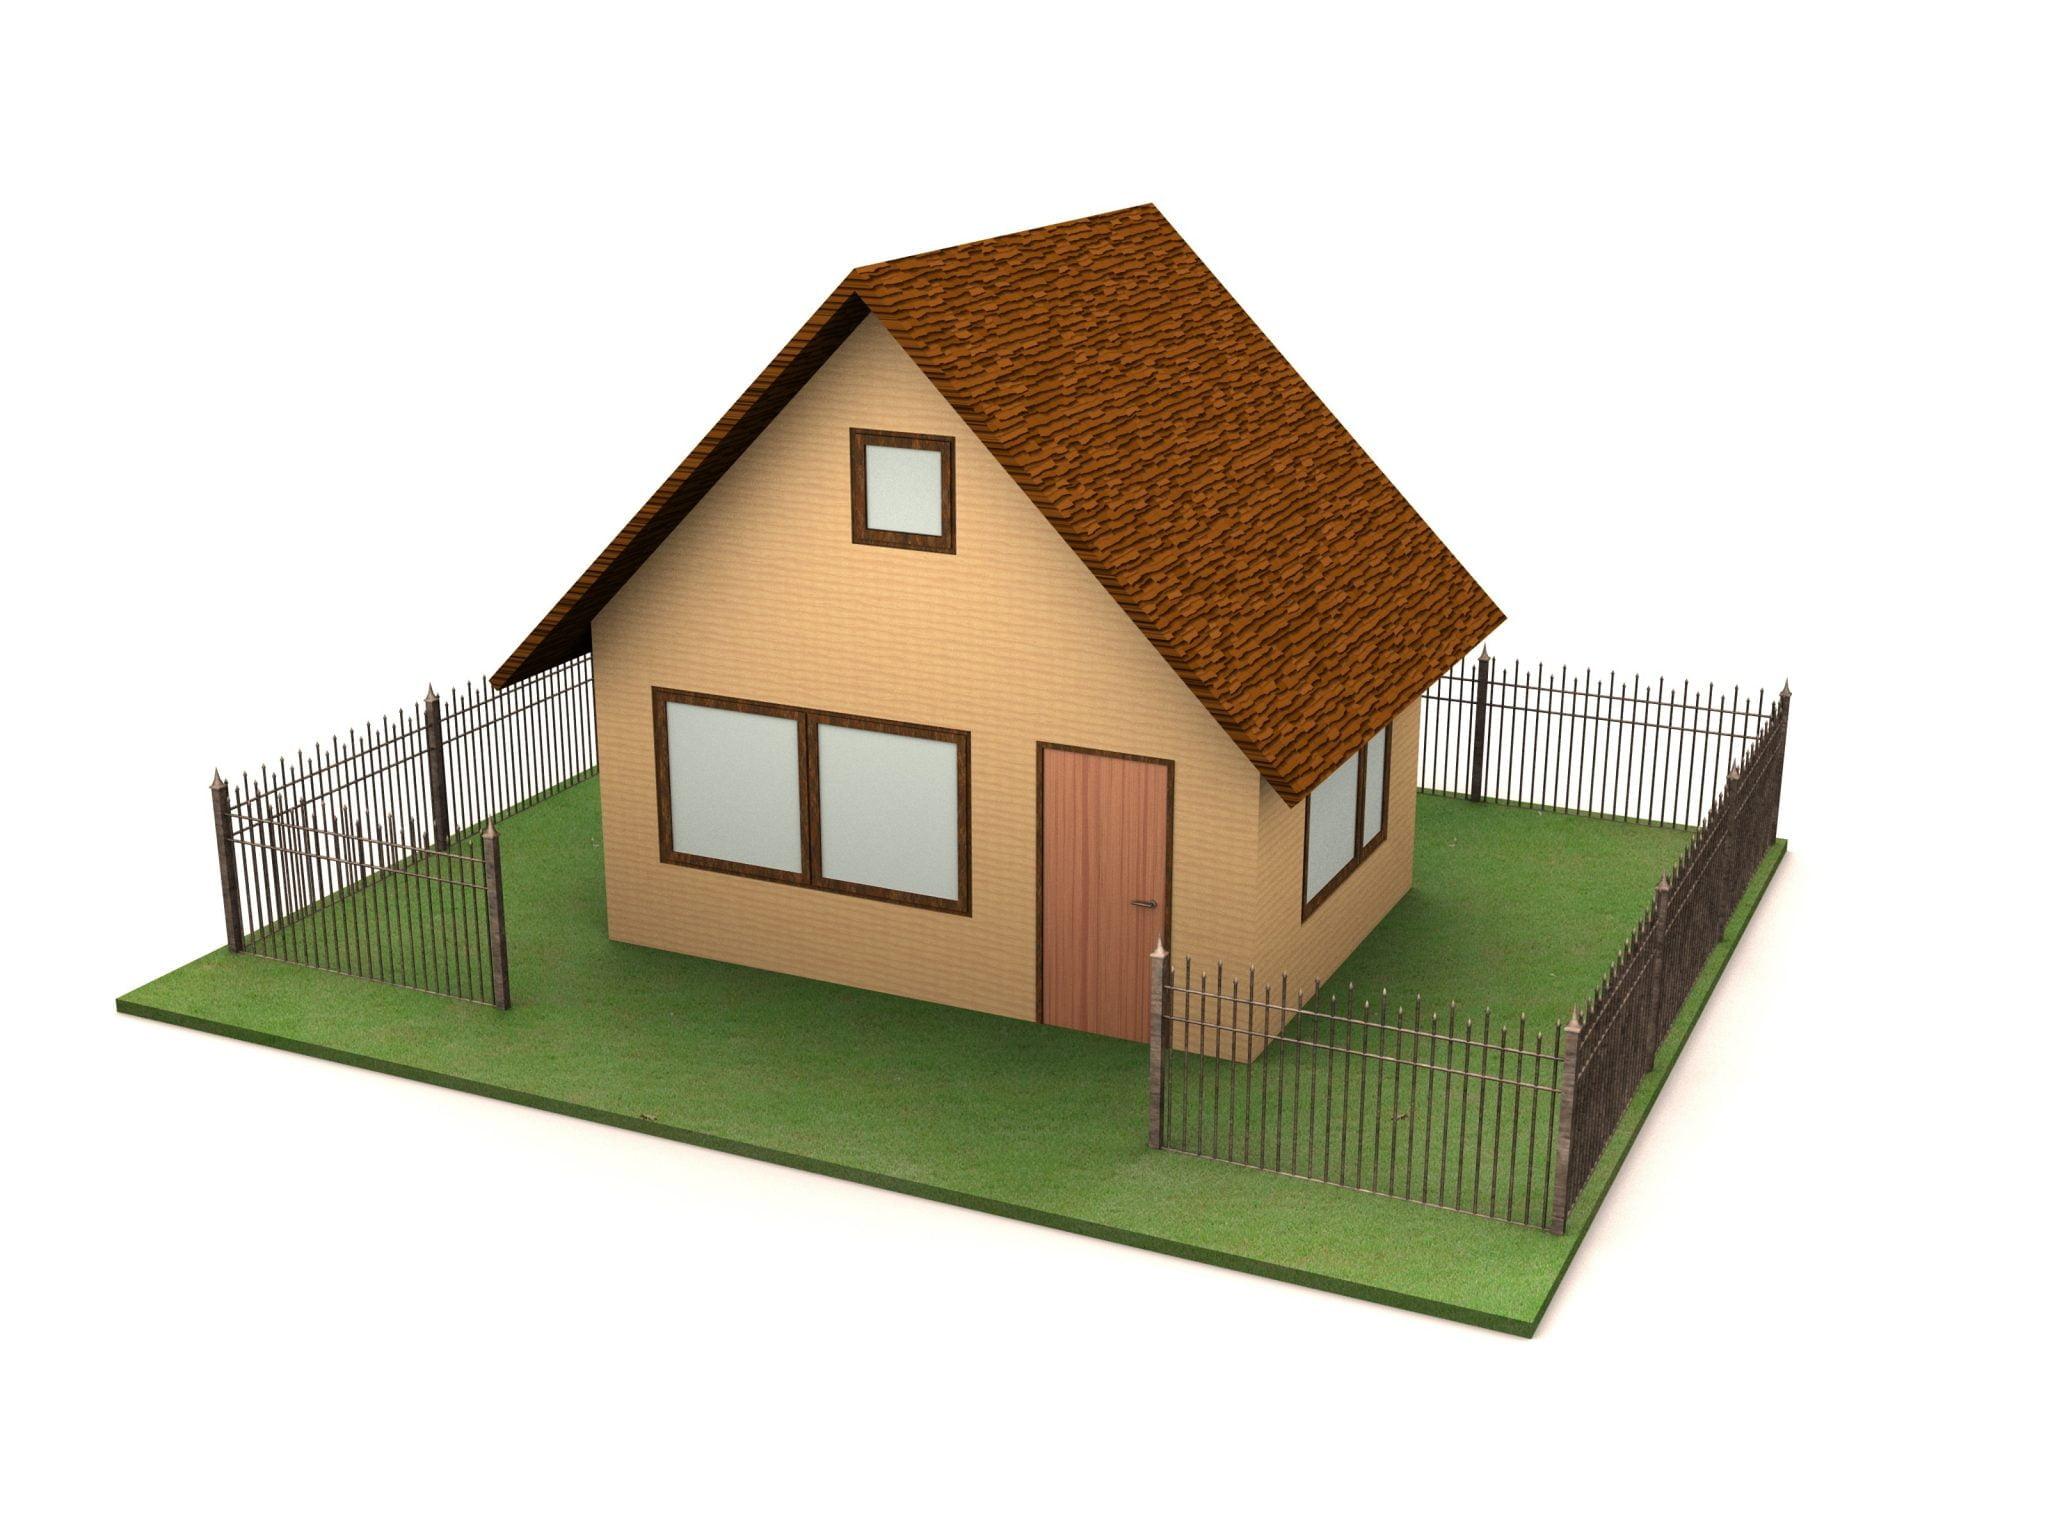 Bouwplaat huis 6 10 jaar bijbels for Simple home model